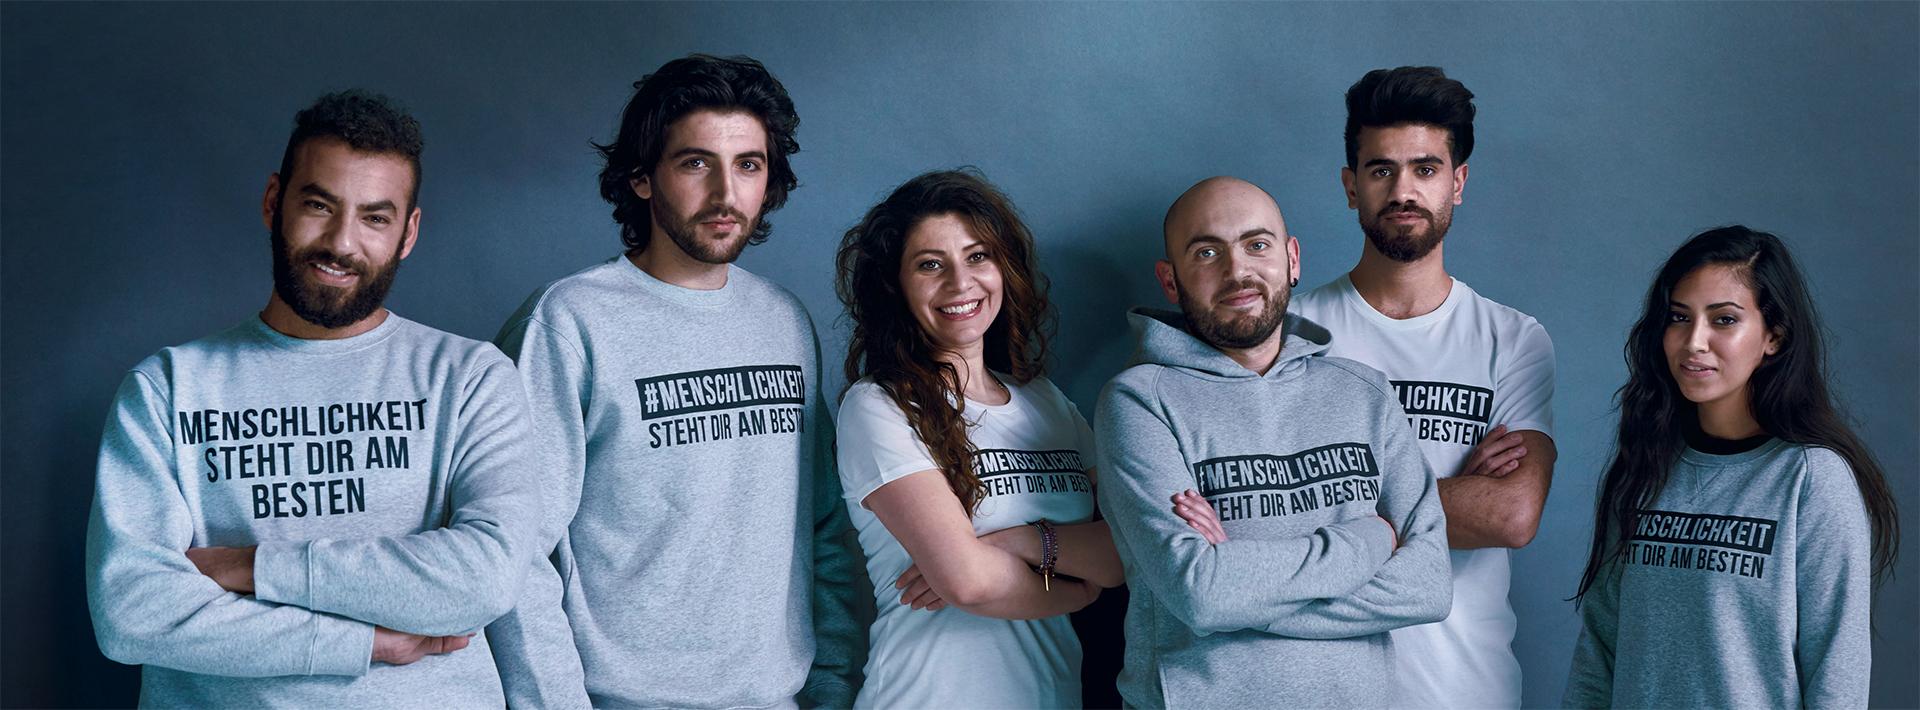 Models tragen Shirts und Pullis mit Aufdruck #Menschlichkeit steht dir am besten vor grauem Hintergrund